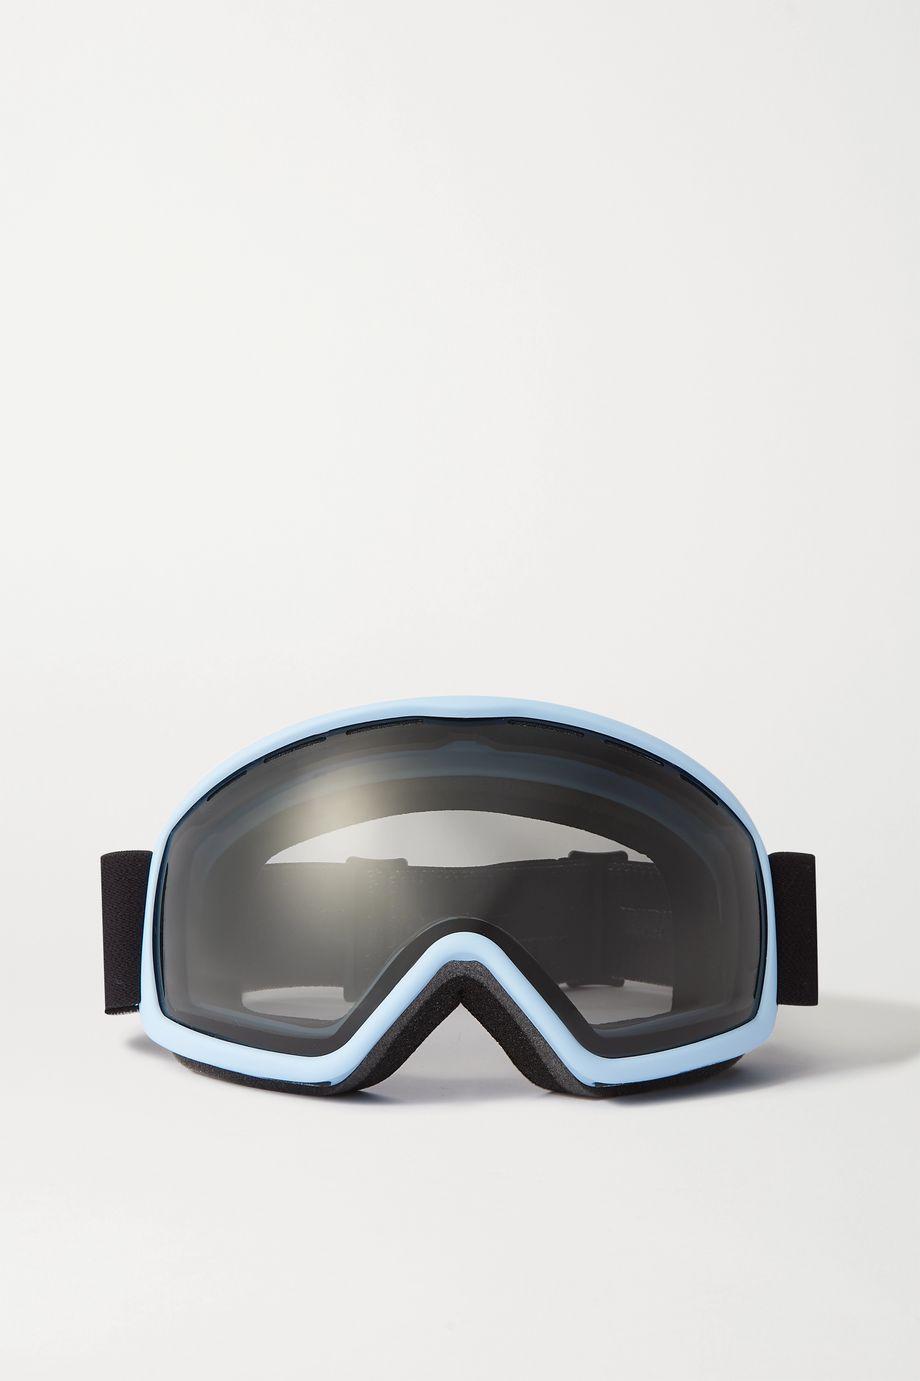 Illesteva Ski goggles